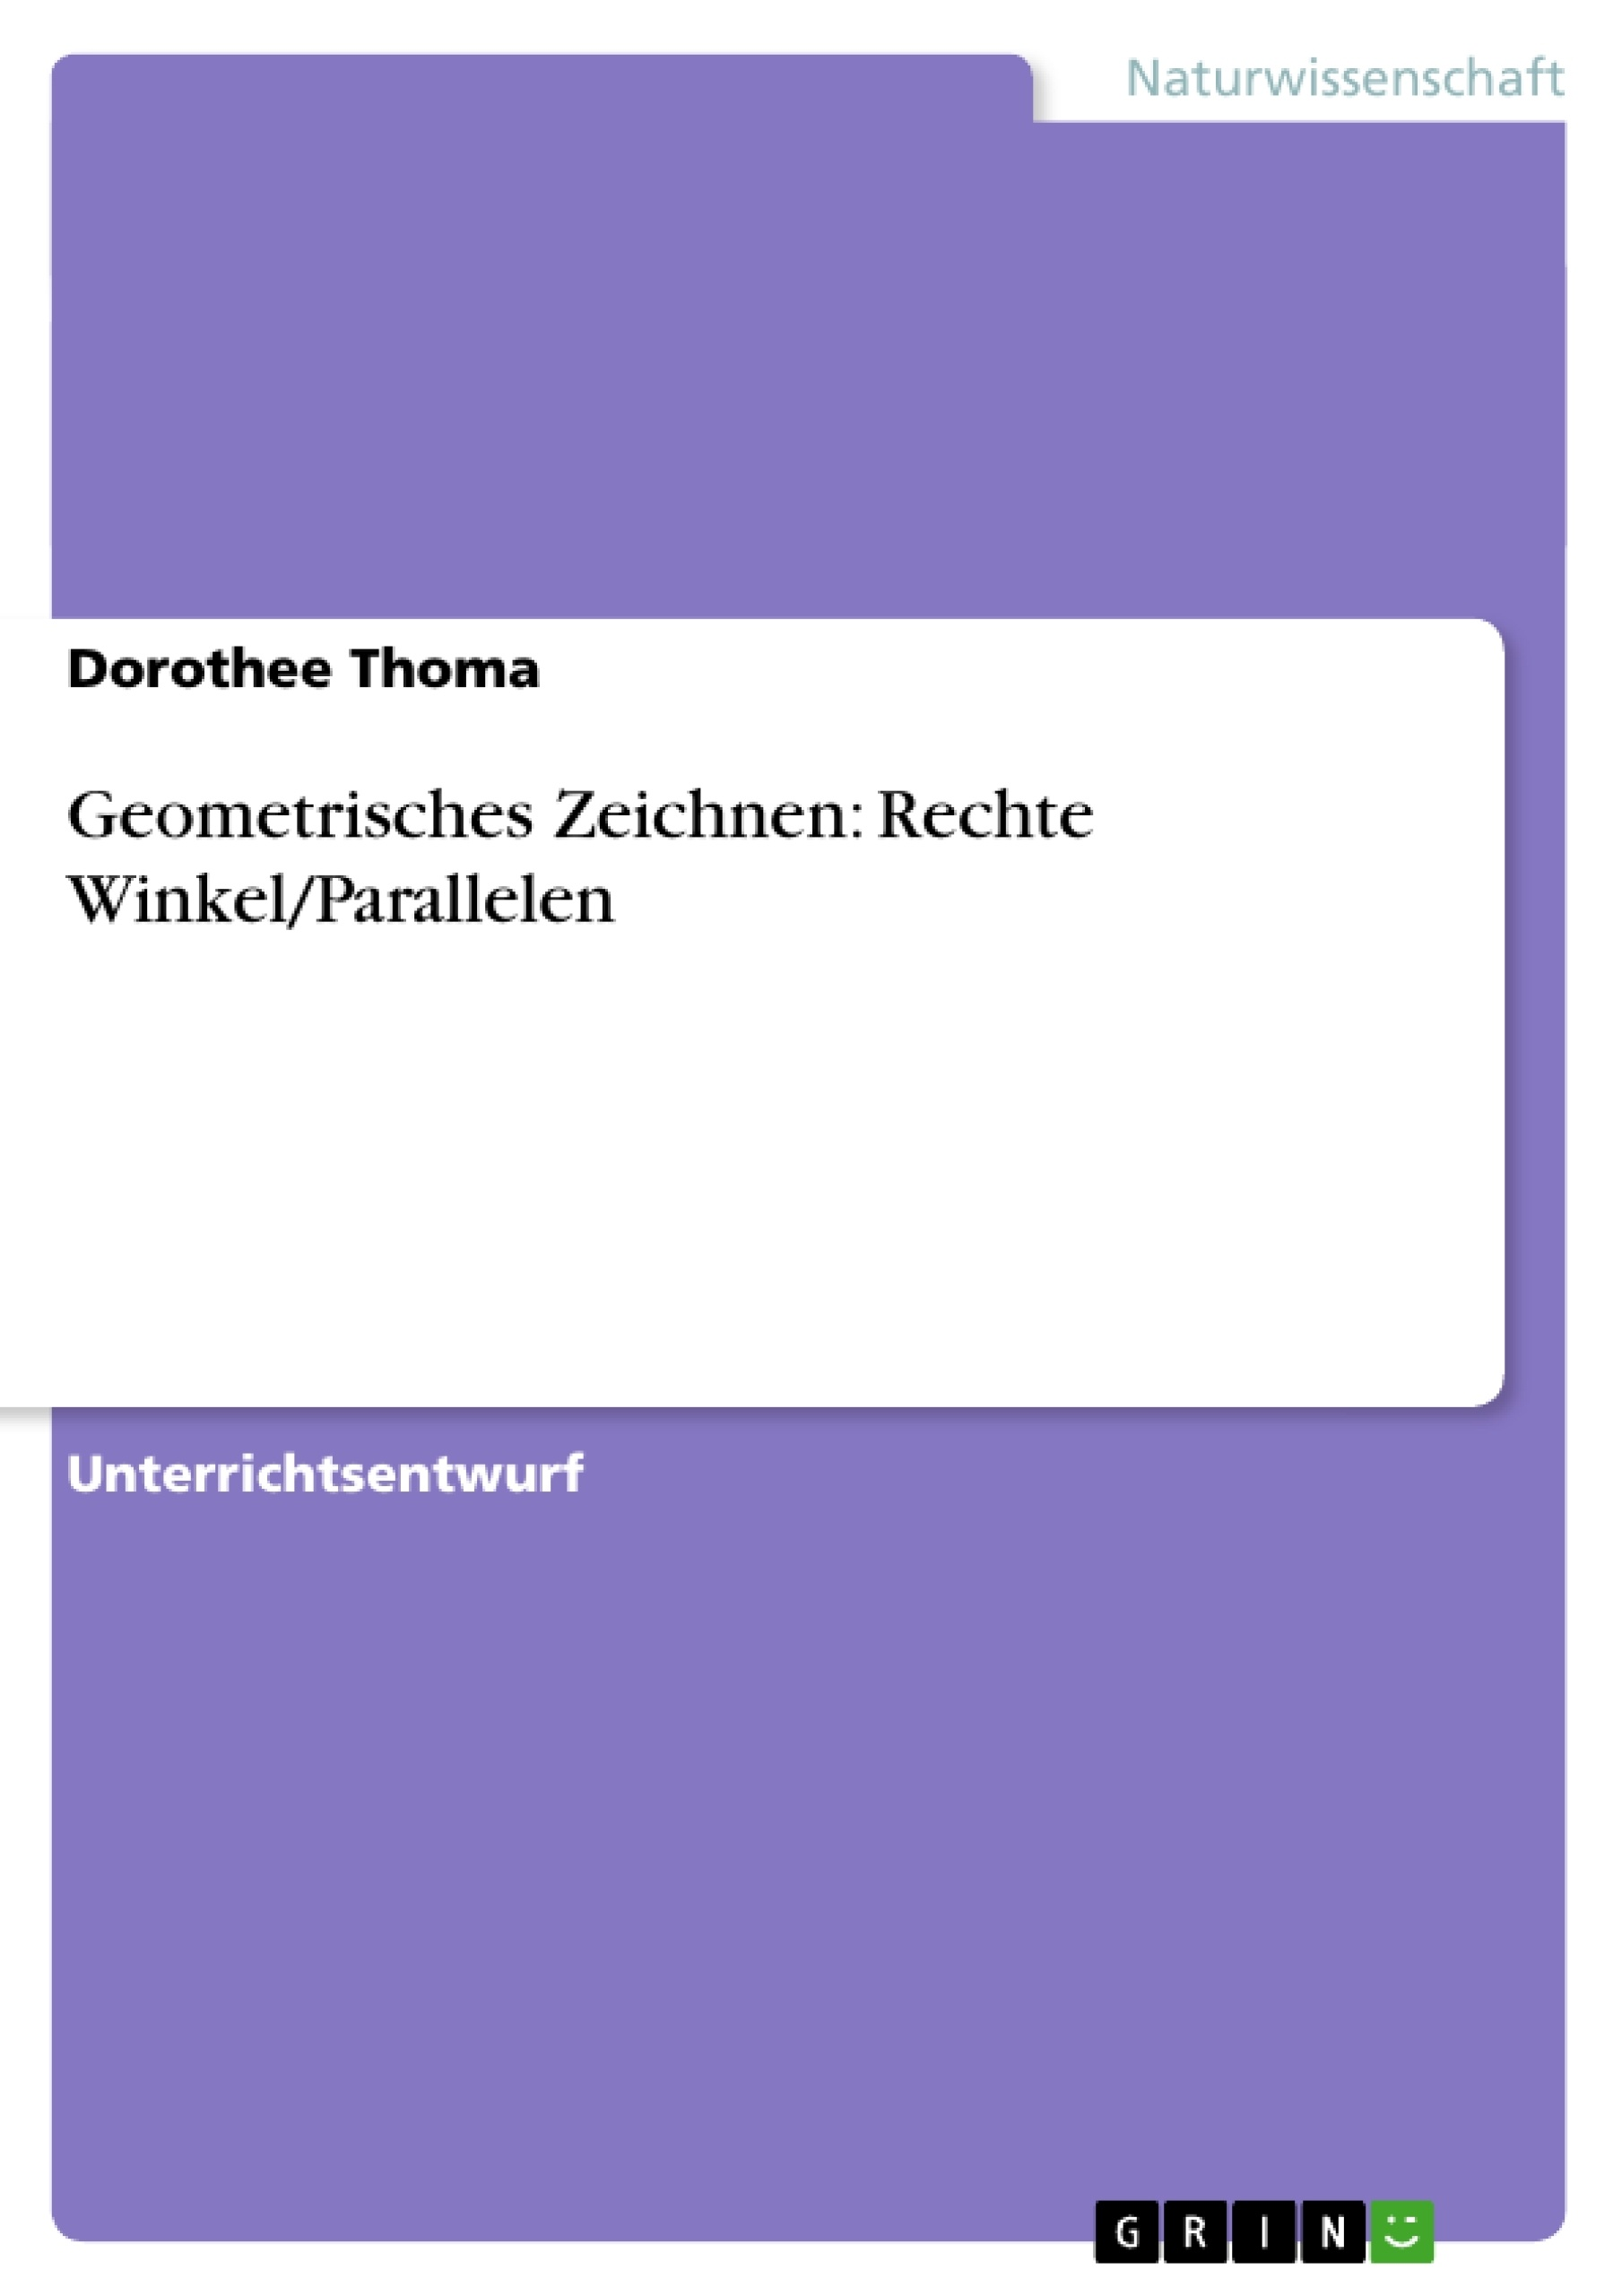 Geometrisches Zeichnen: Rechte Winkel/Parallelen | Hausarbeiten ...